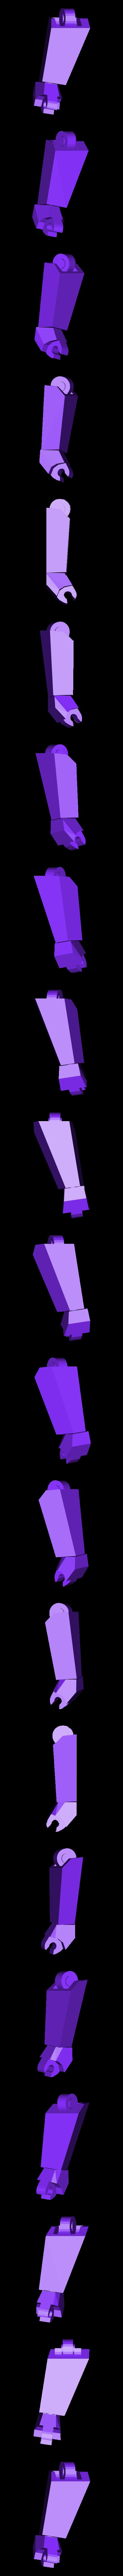 mq-right forearm-new.stl Télécharger fichier STL gratuit Les Macaques de Formose pour l'année Bing-shen • Plan imprimable en 3D, Amao